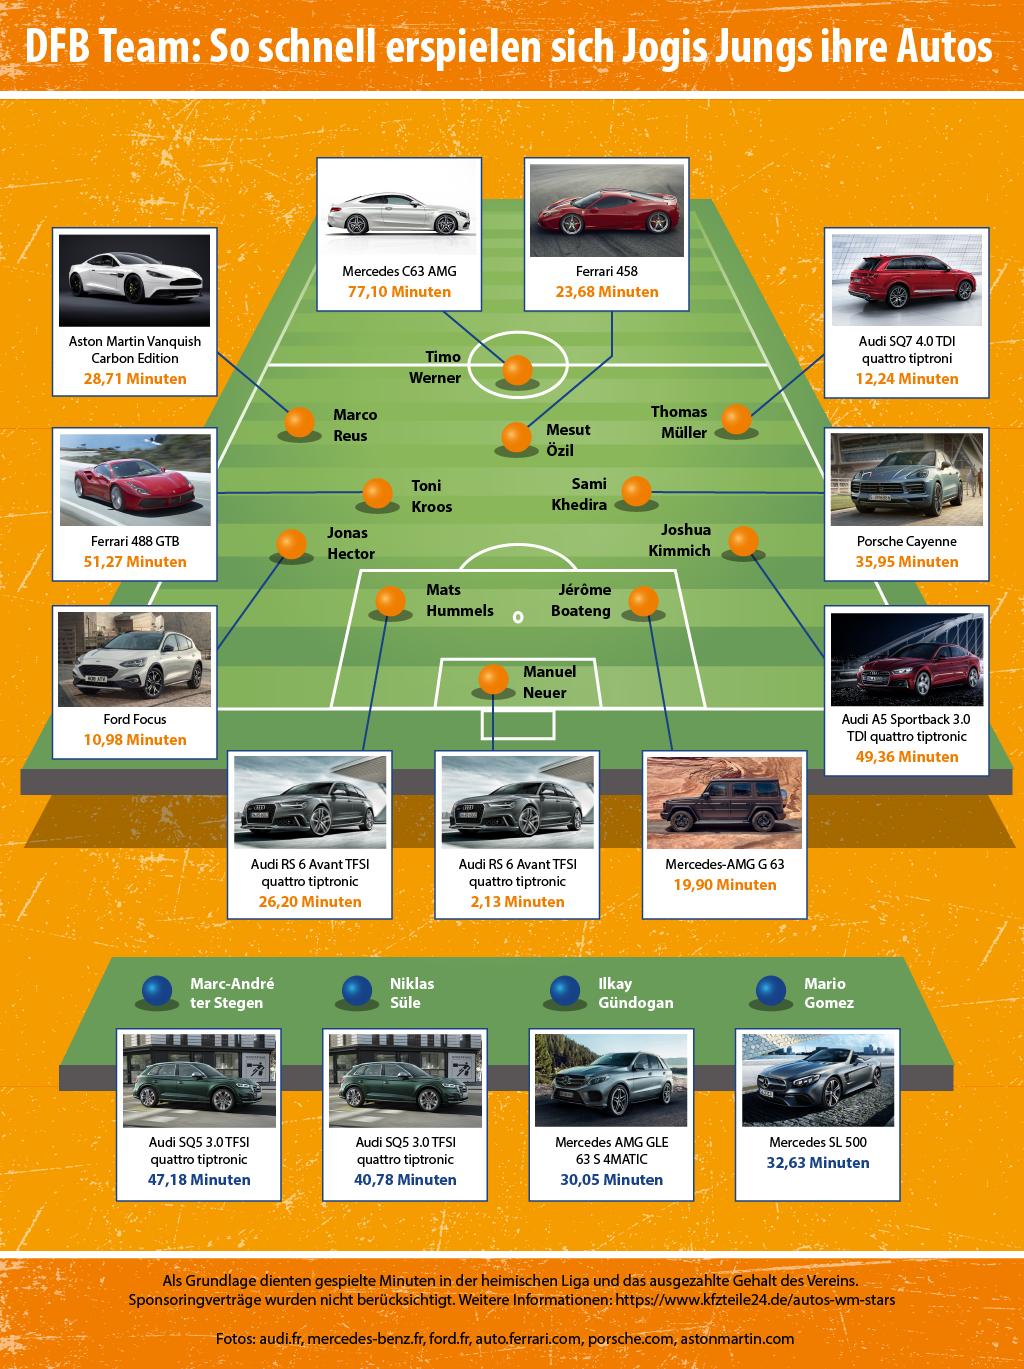 Die Autos der Nationalmannschaft